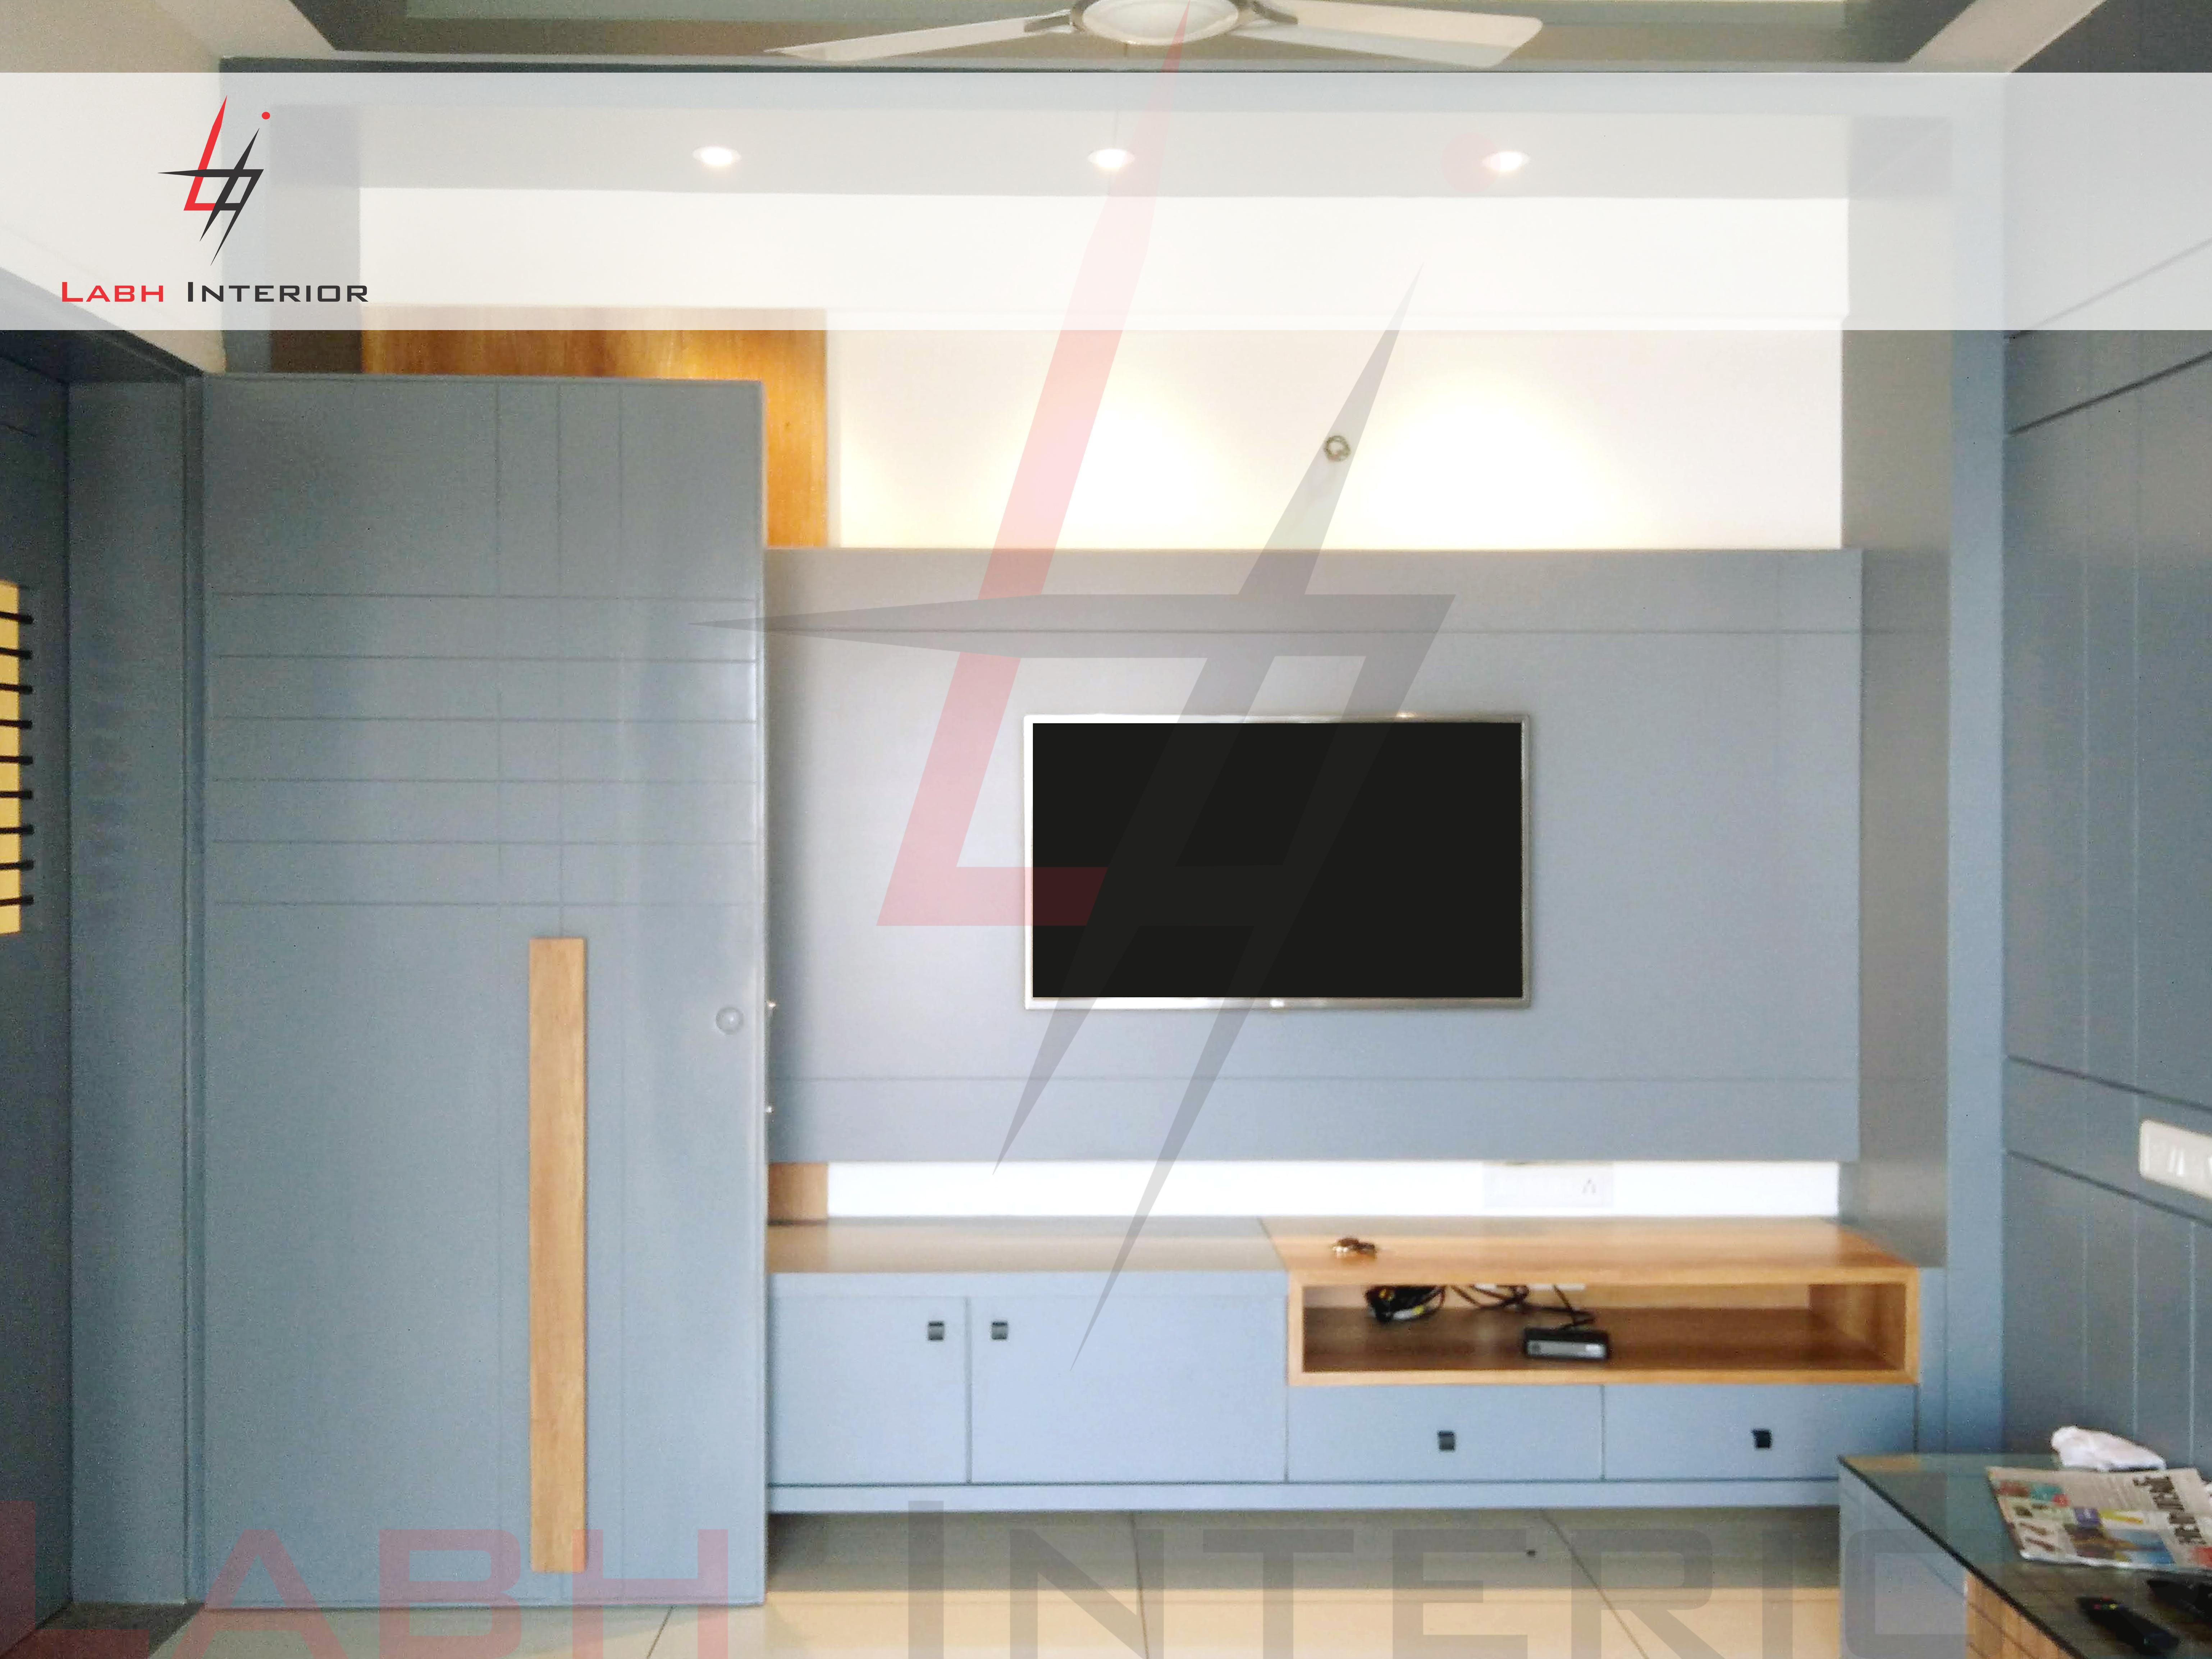 Tv and Main Door interior design